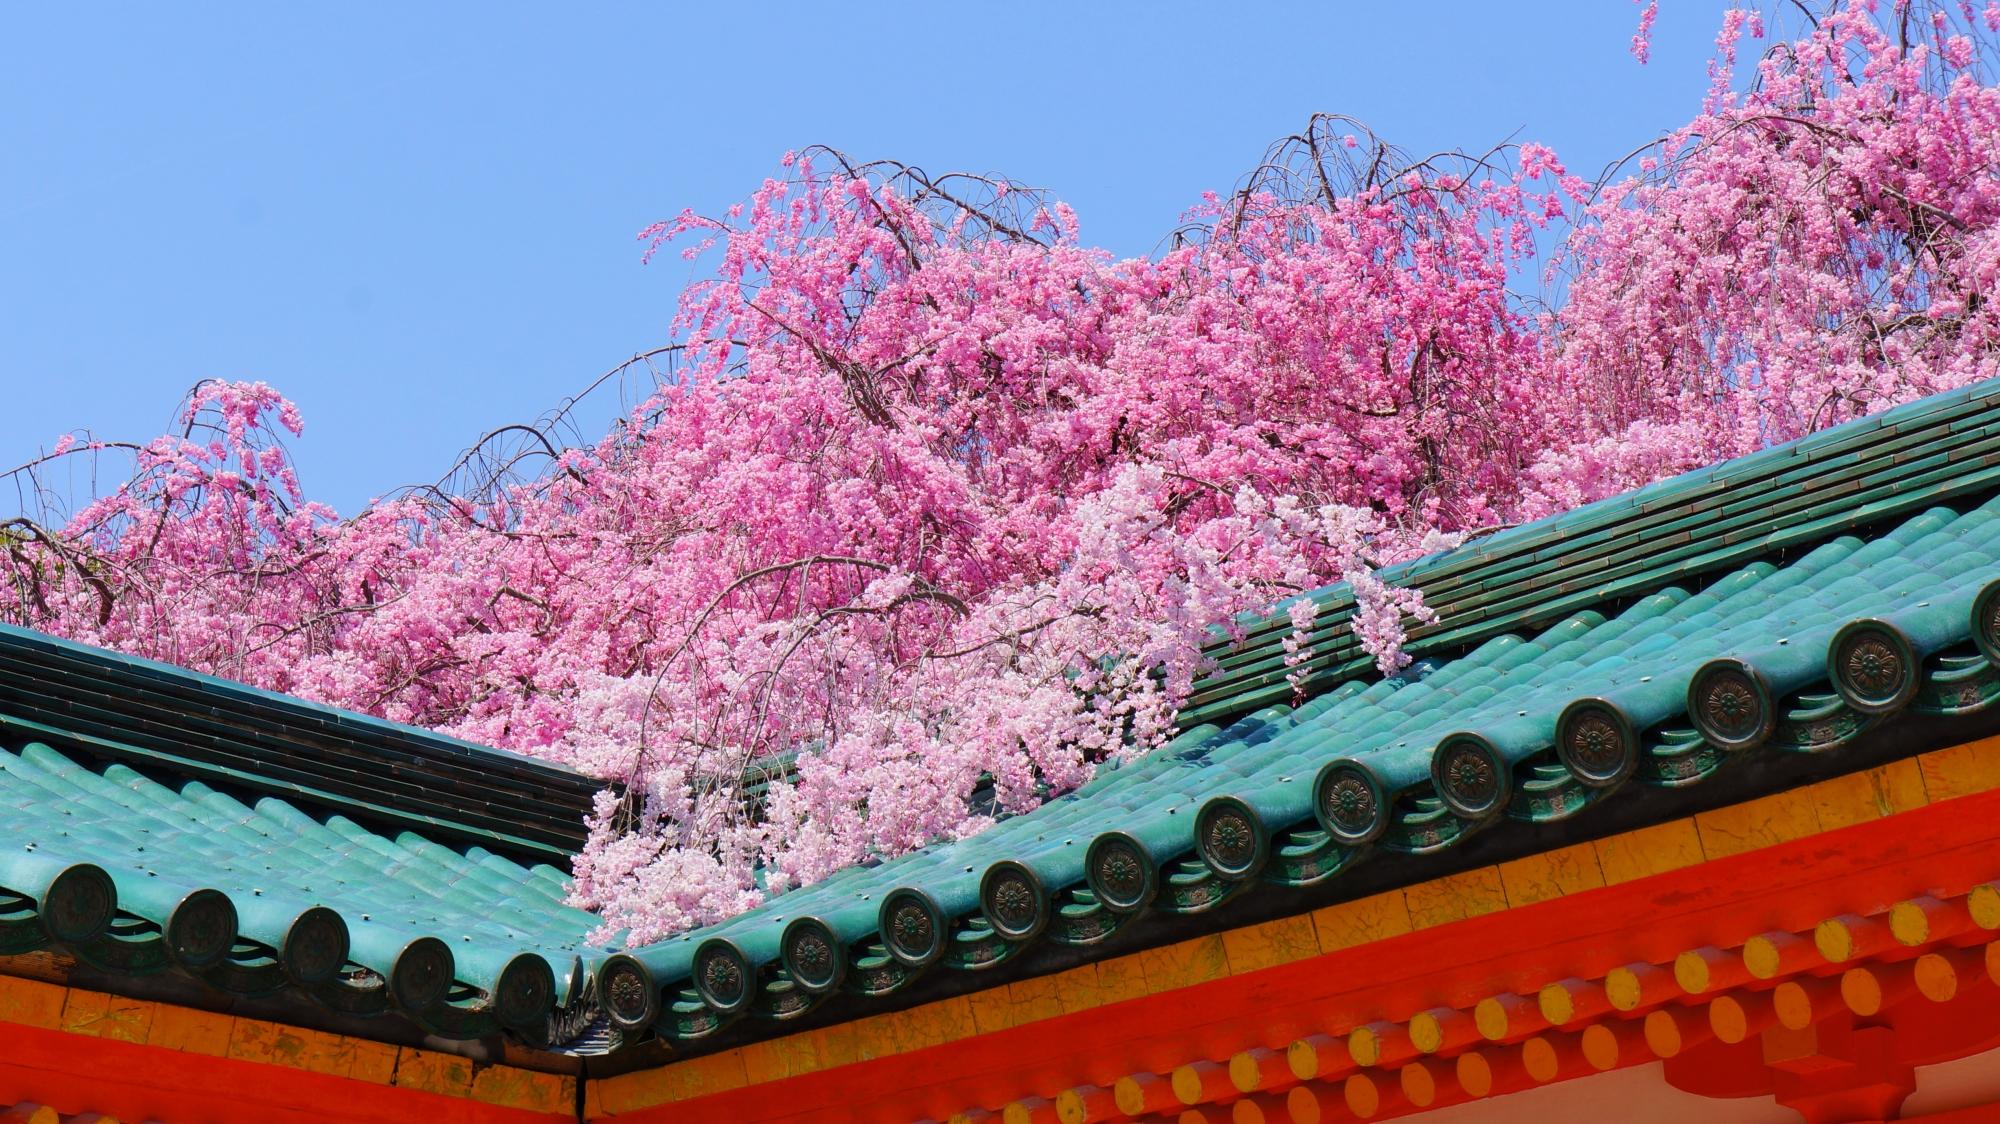 鮮やかな色合いの屋根を彩るピンクのしだれ桜